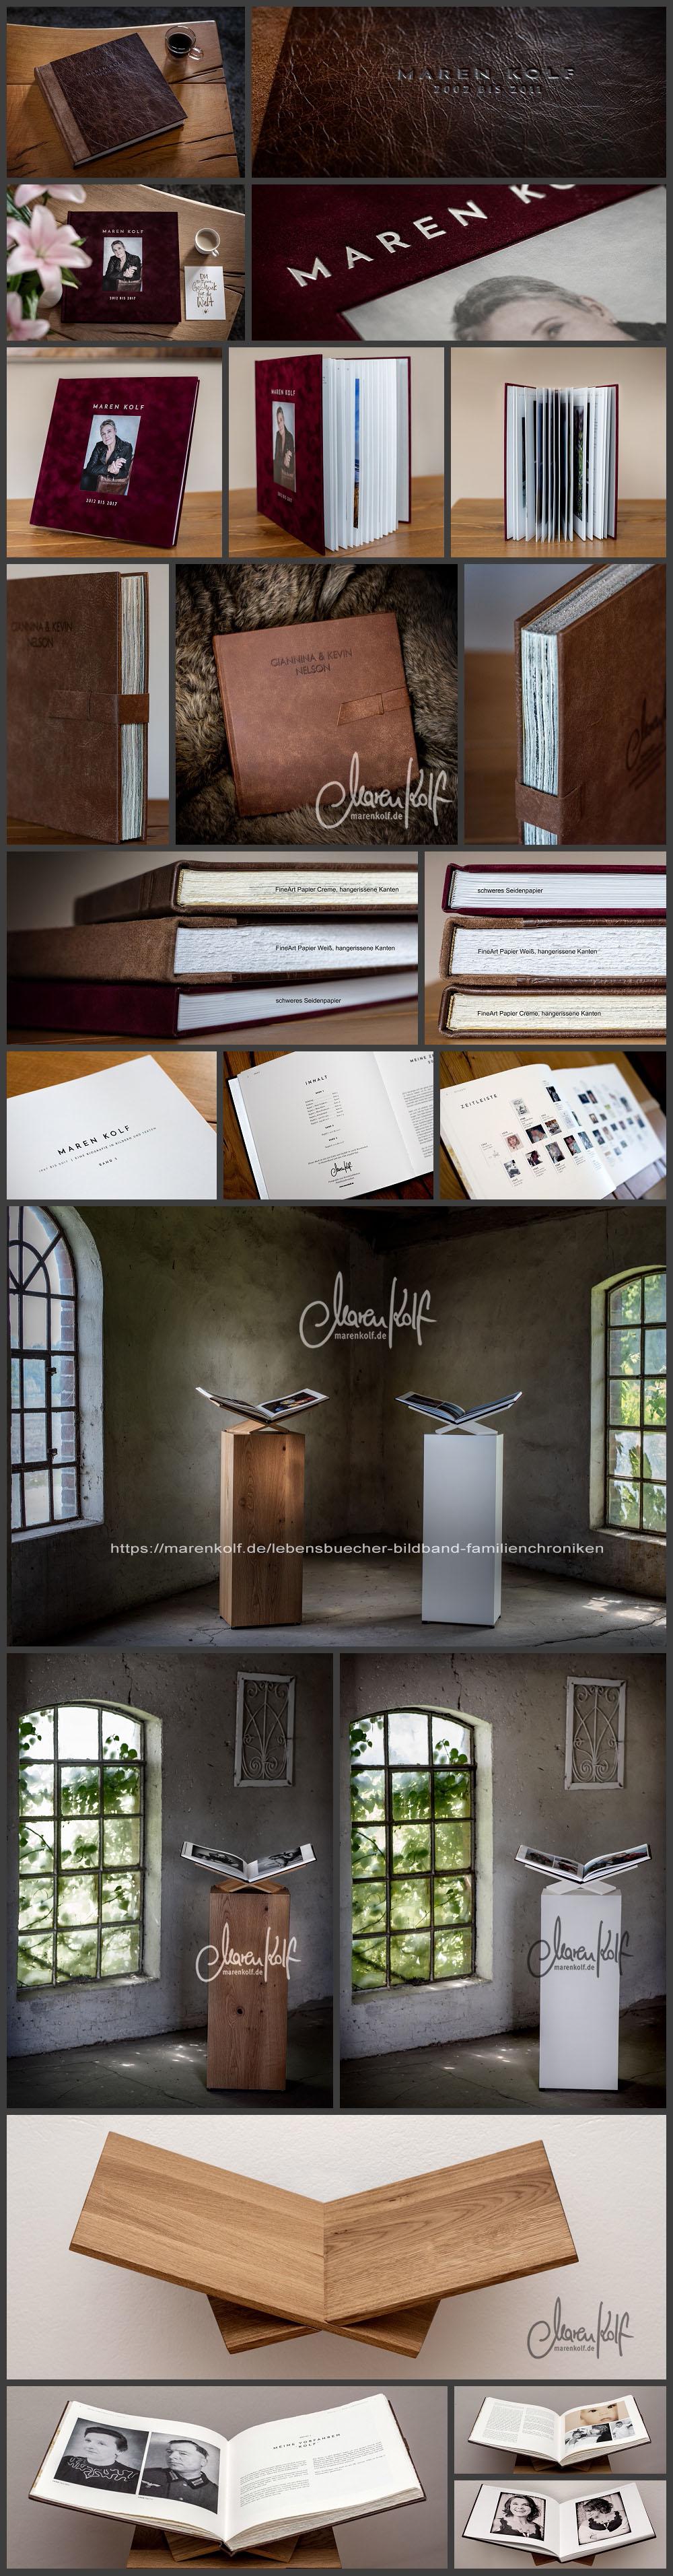 jubiläumsangebot3-maren-kolf-fotografie-wedemark-25jahre-lebensbücher-familienchroniken-unternehmenschroniken-für-traditionshäuser